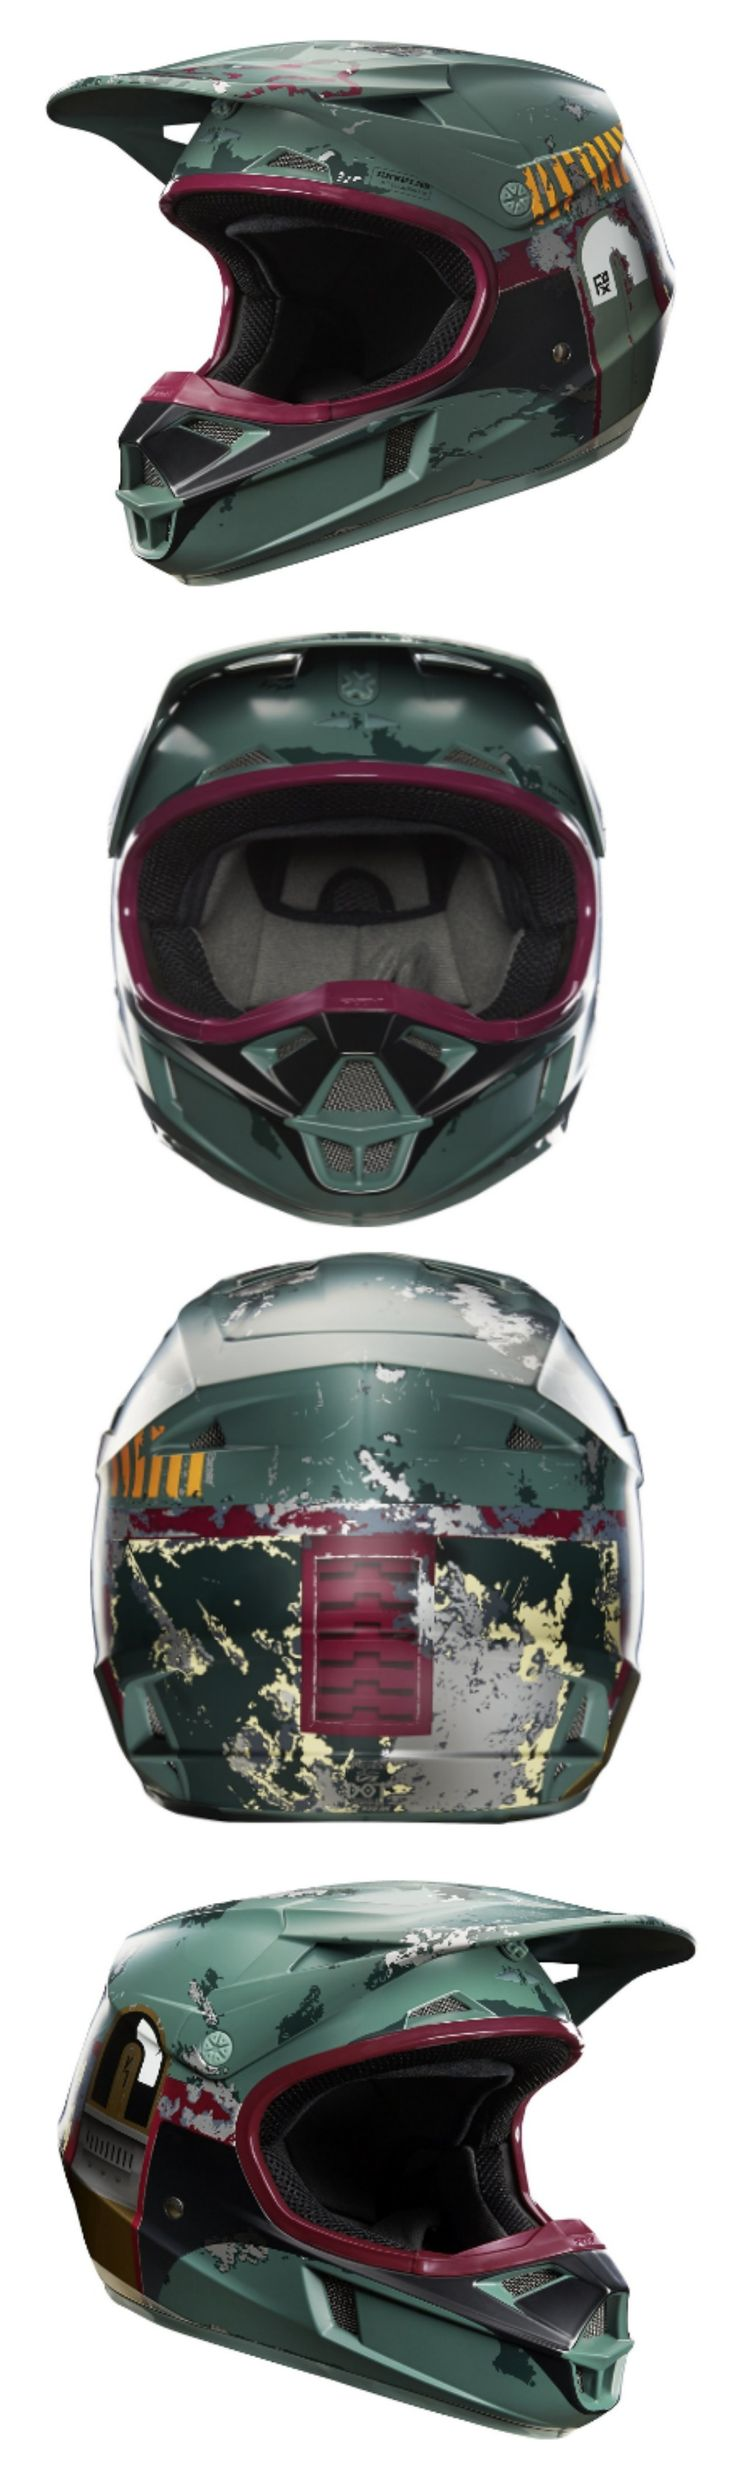 Star Wars Boba Fett Limited Edition Fox Racing Helmet